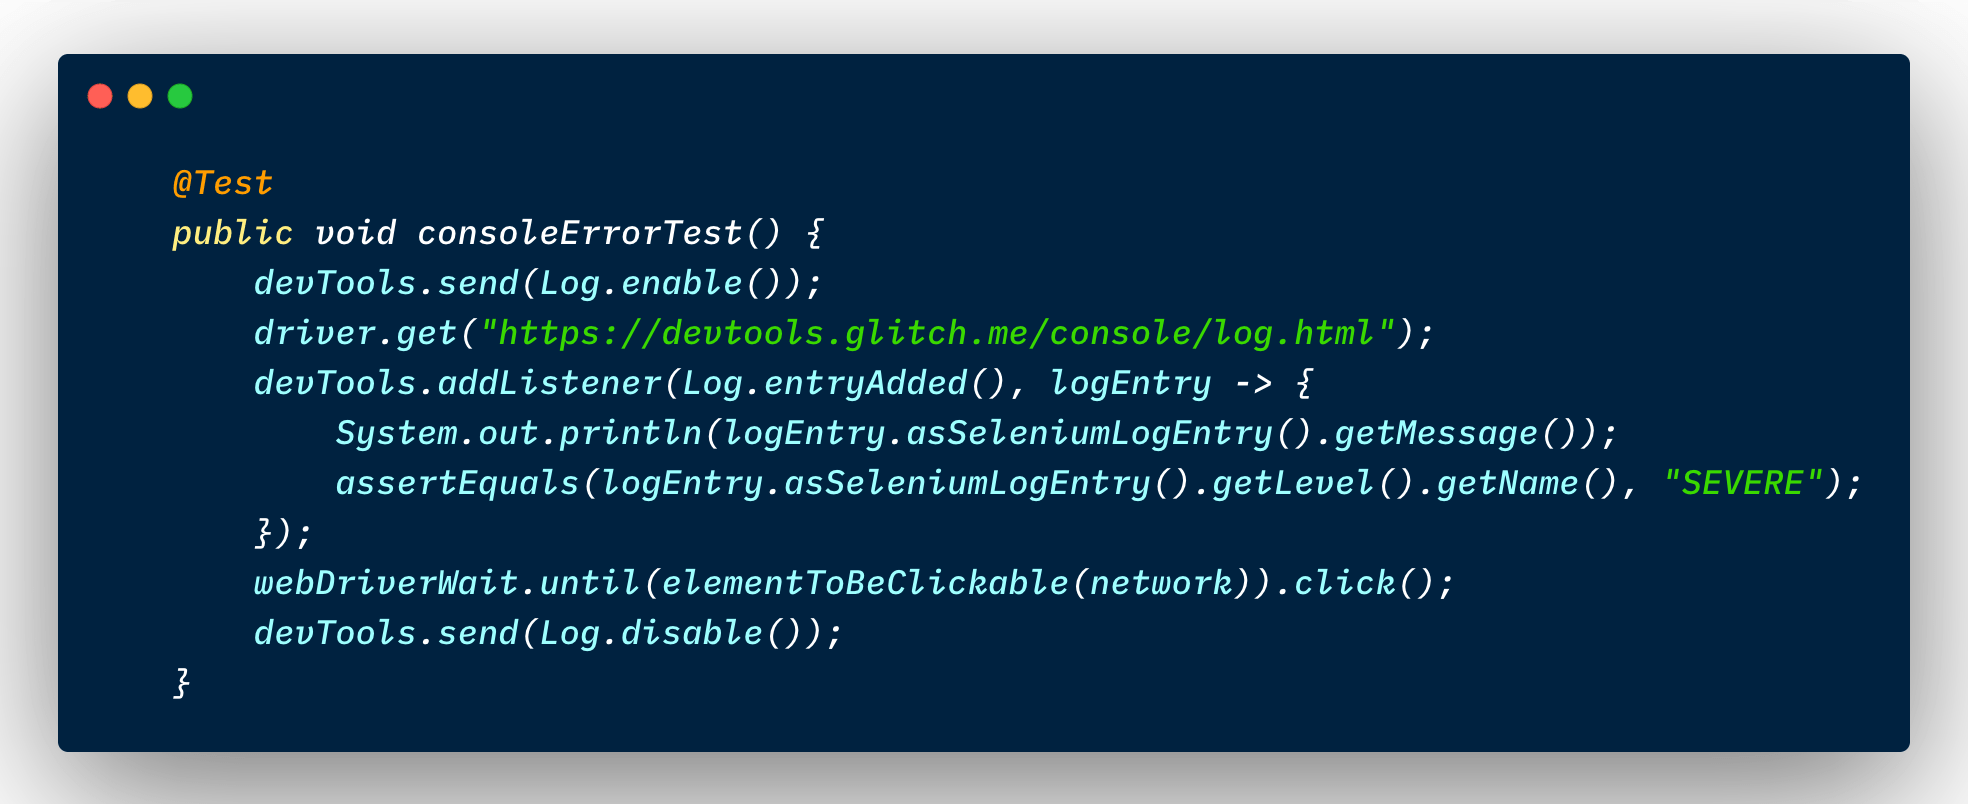 Chrome DevTools log event listener